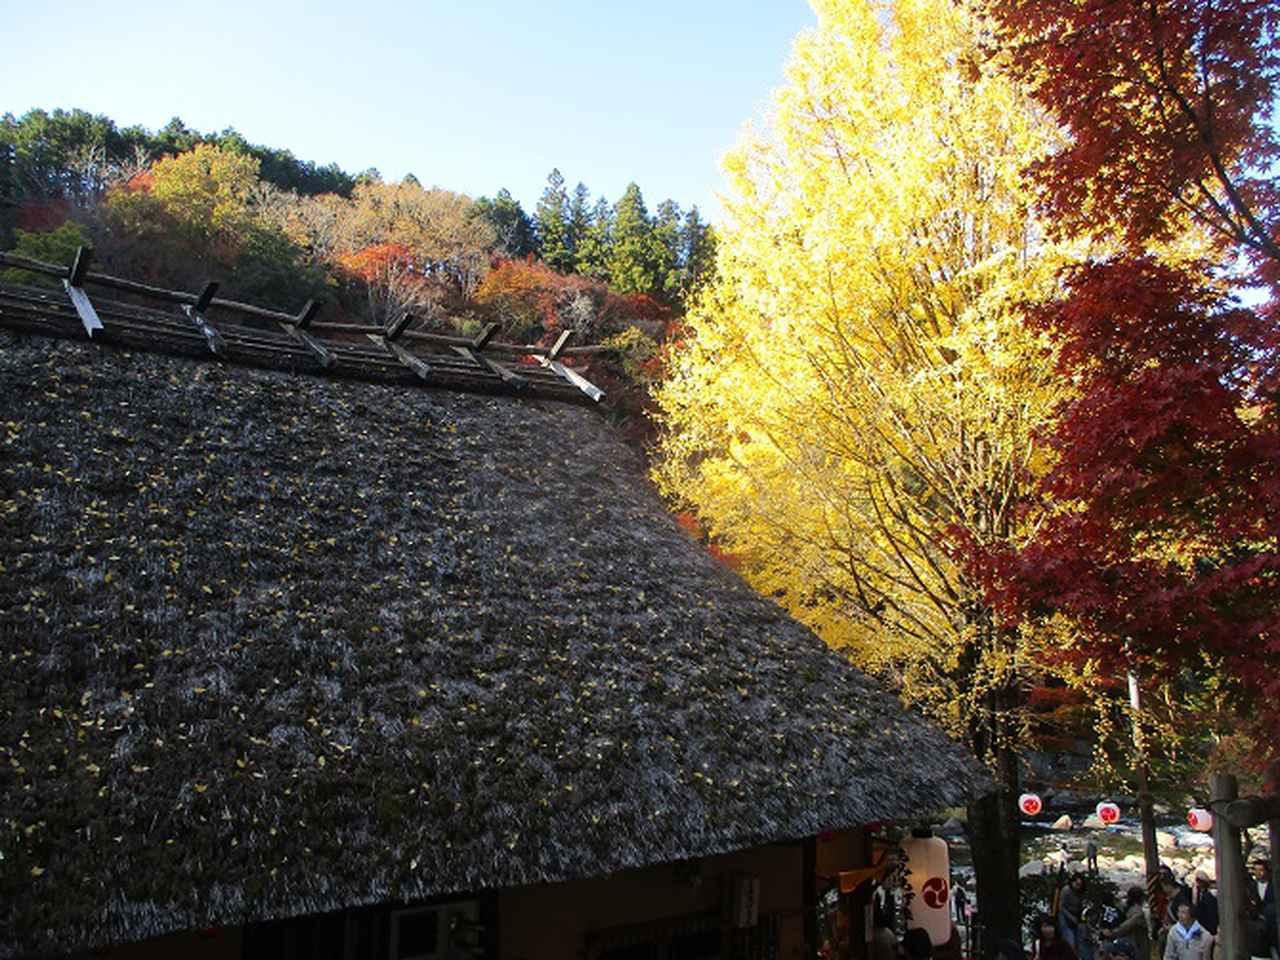 画像7: 11月21日から山旅会 「香嵐渓と鳳来寺山」 ツアーに行ってきました!